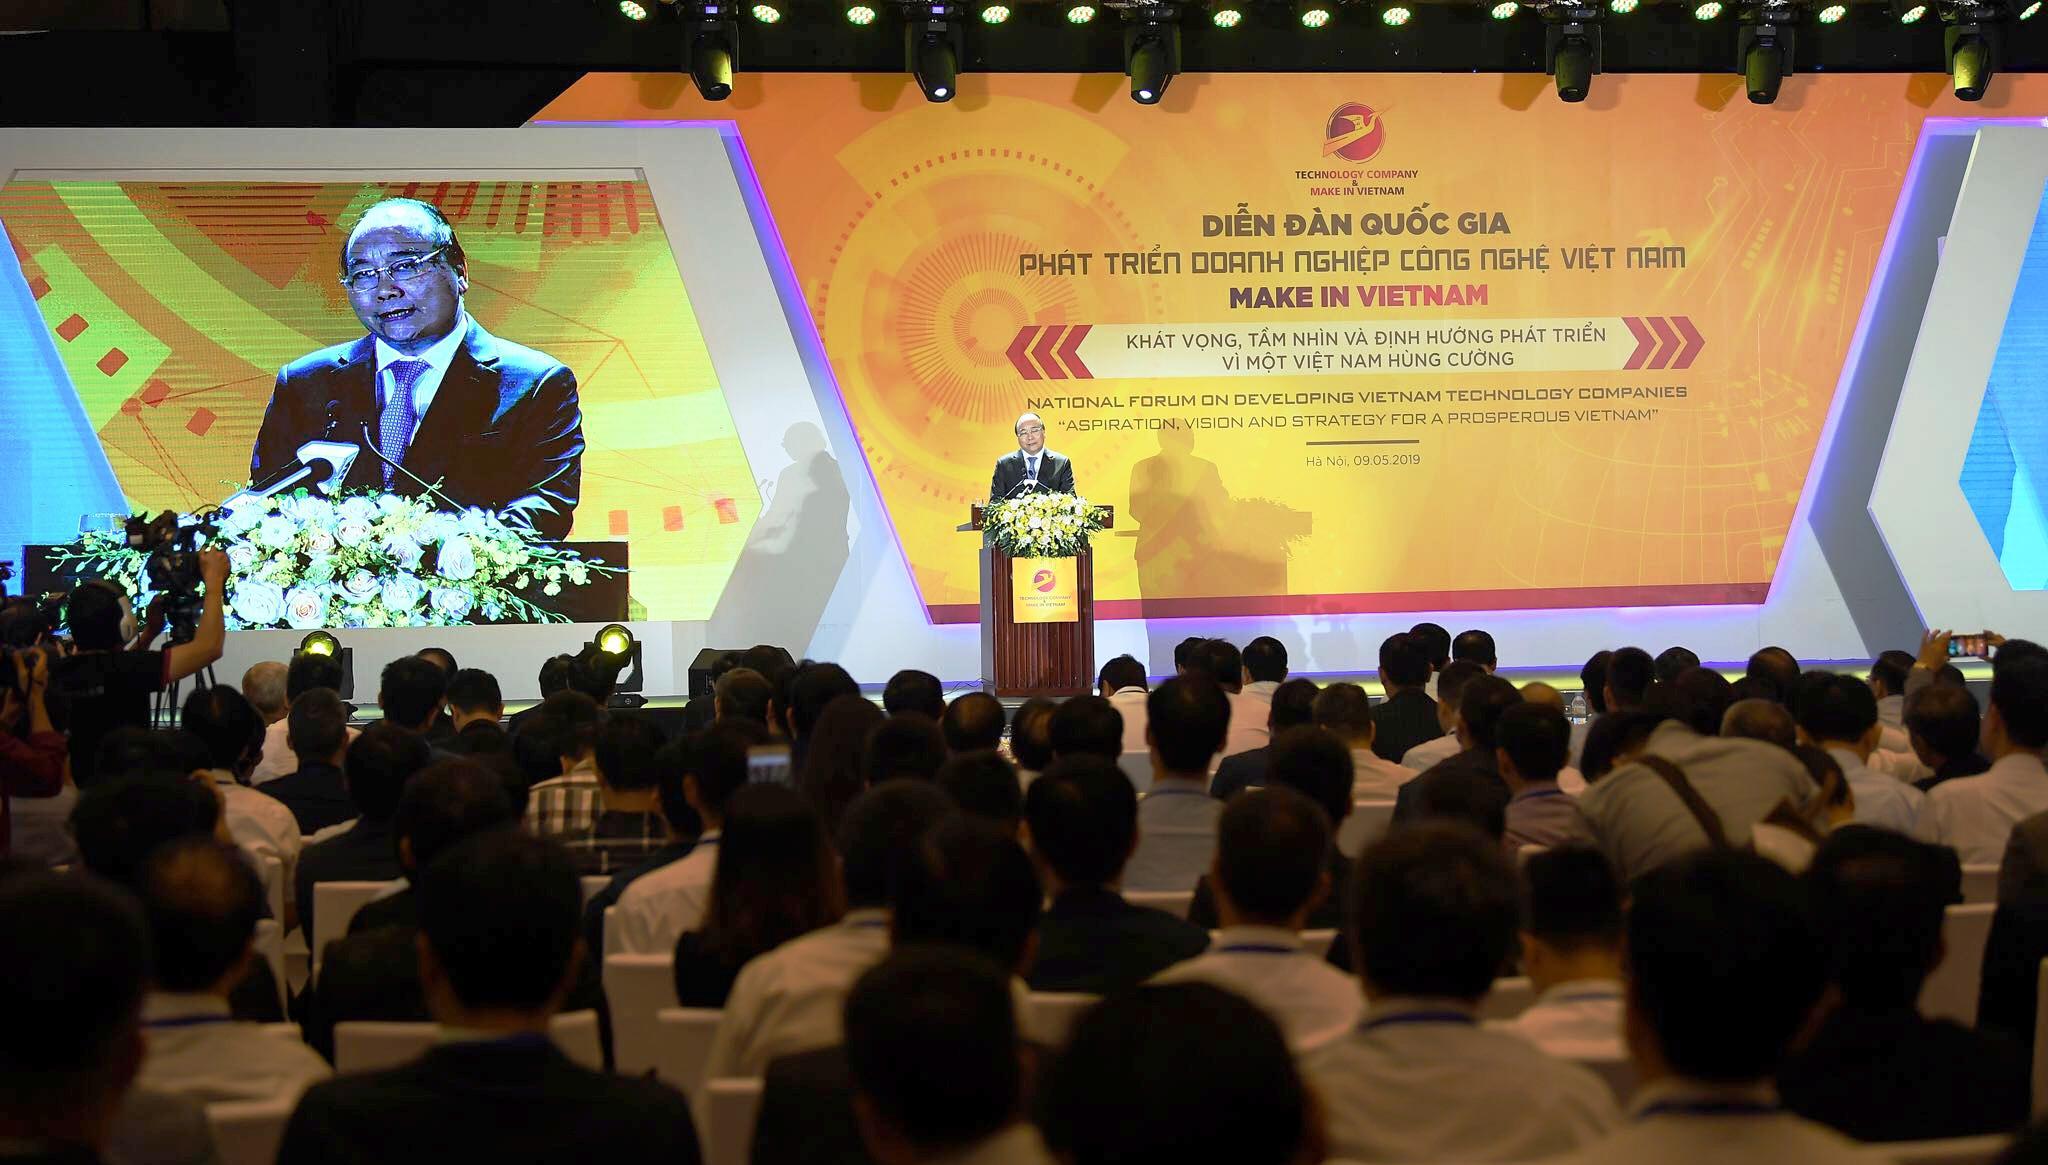 Khát vọng, tầm nhìn và định hướng phát triển vì một Việt Nam hùng cường